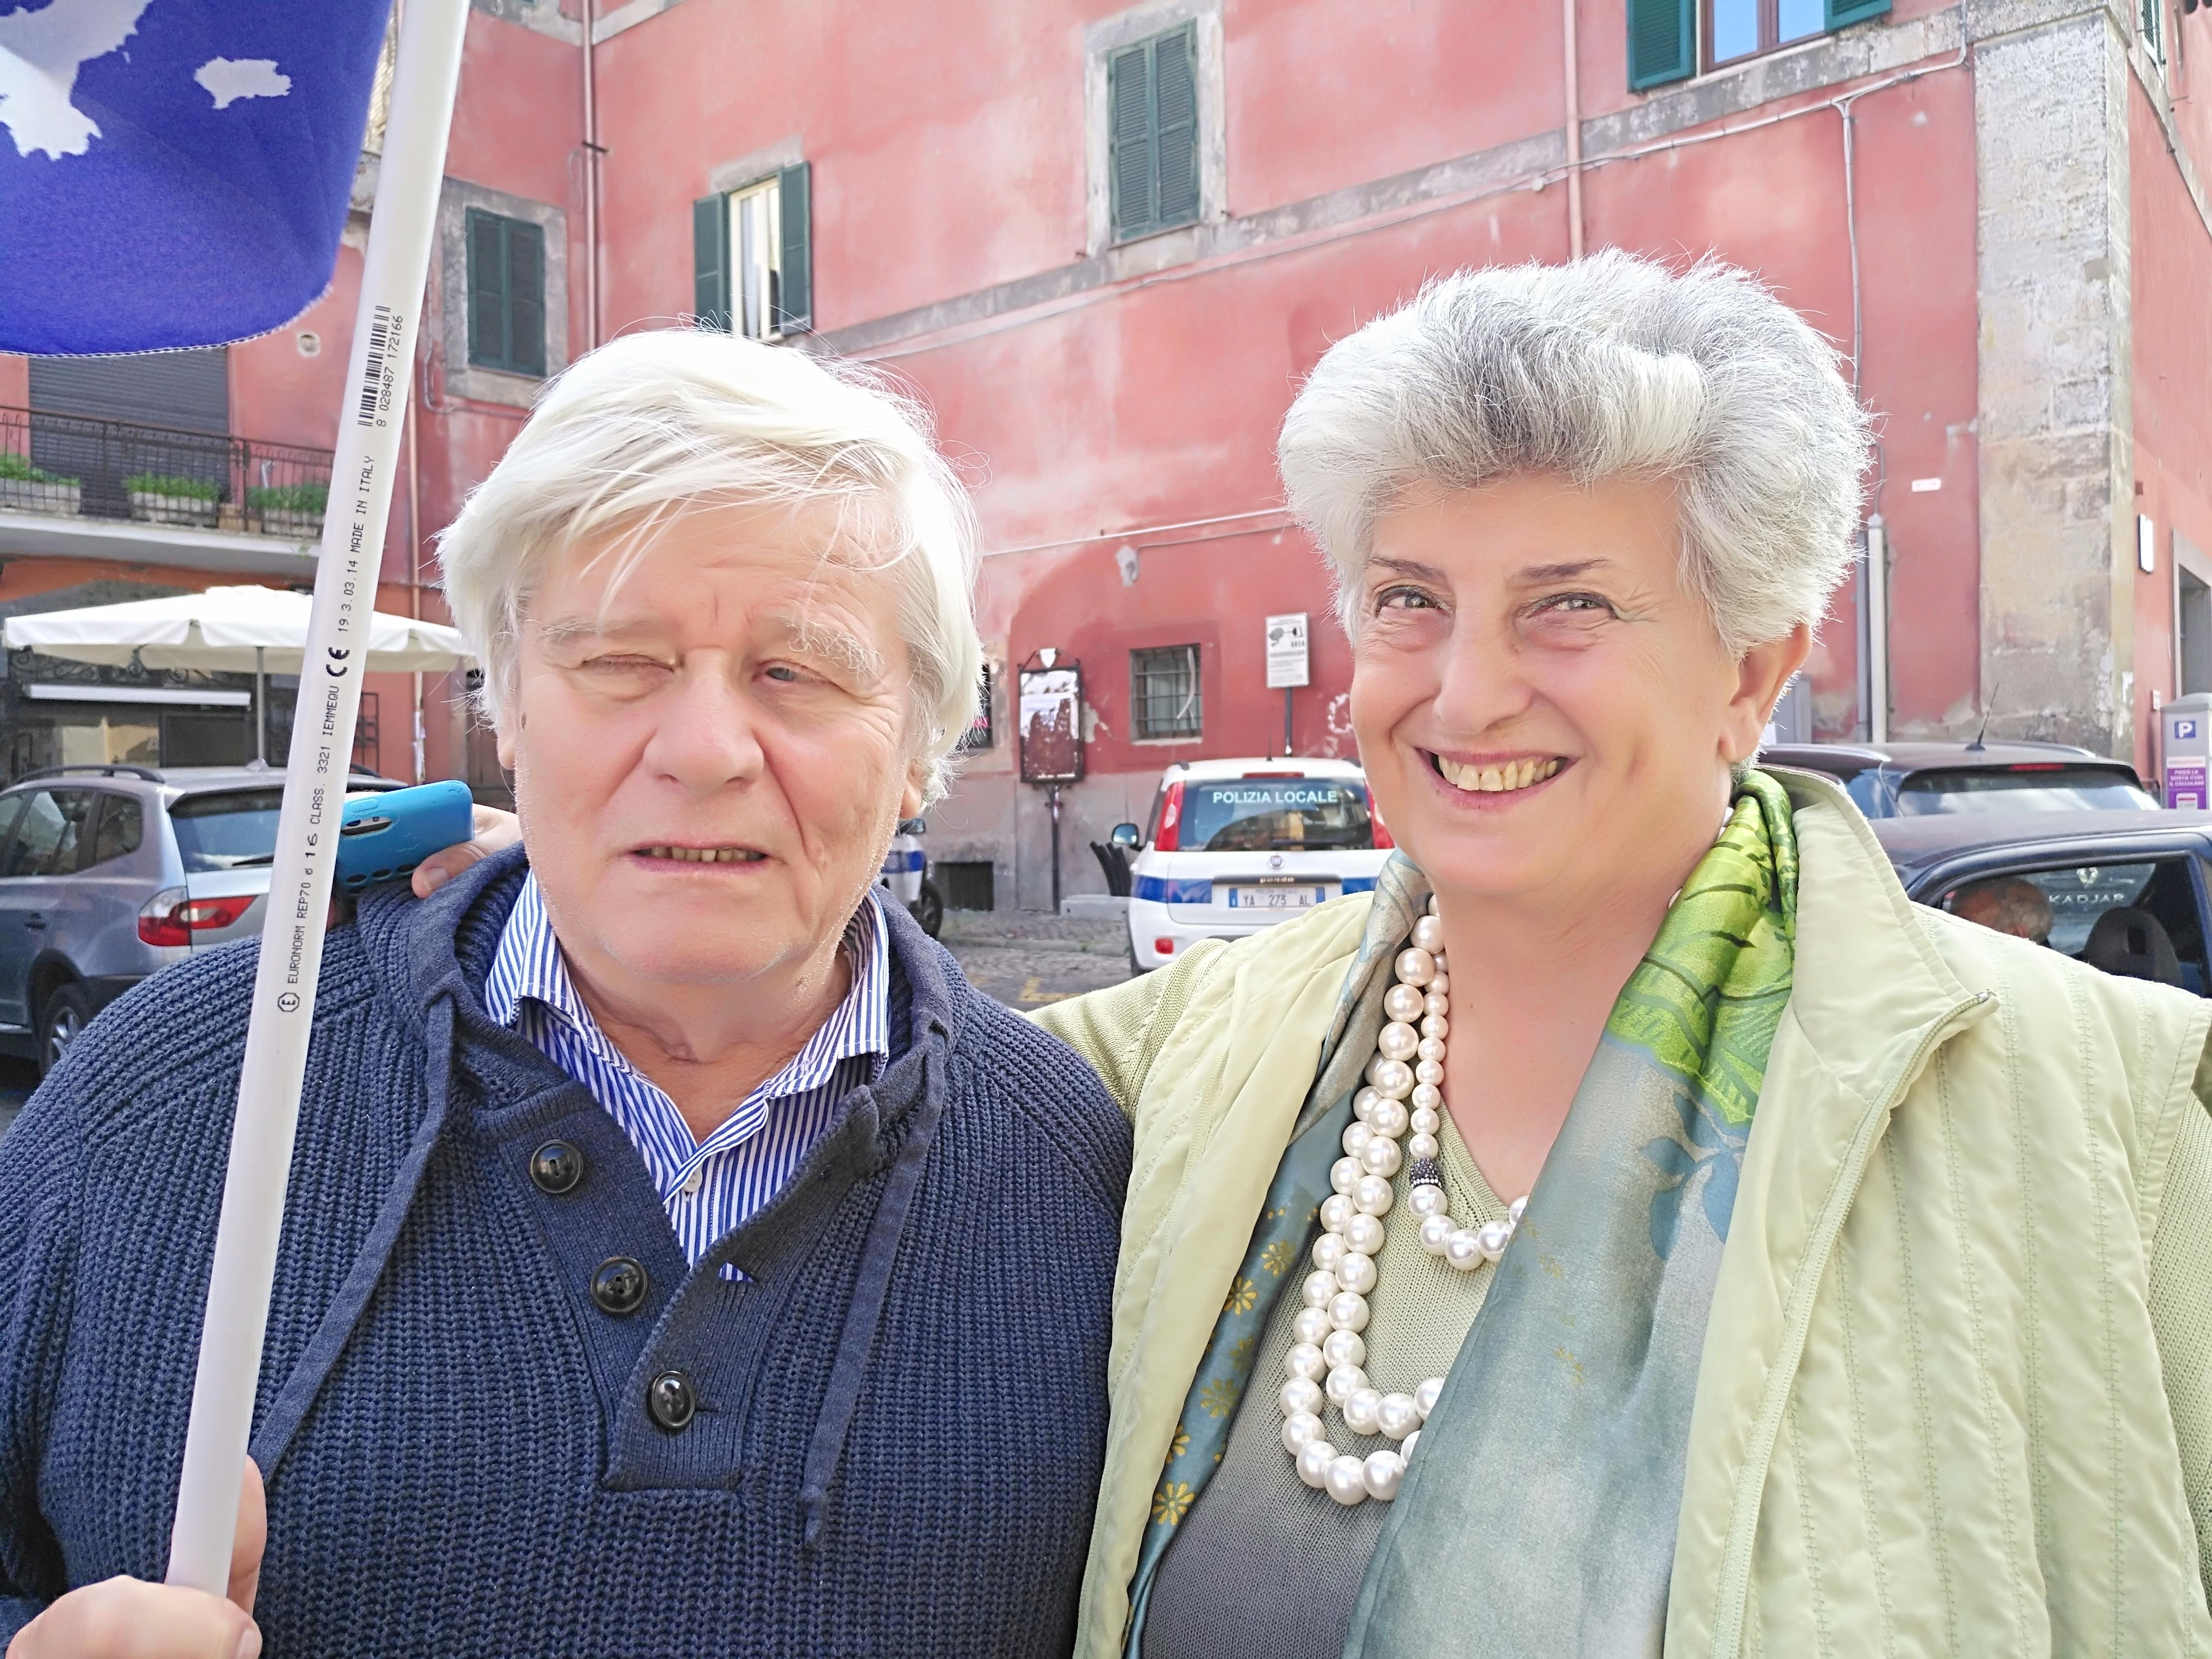 XII Marcia internazionale per la libertà dei popoli e delle minoranze oppresse, Campagnano di Roma, 12 ottobre 2019